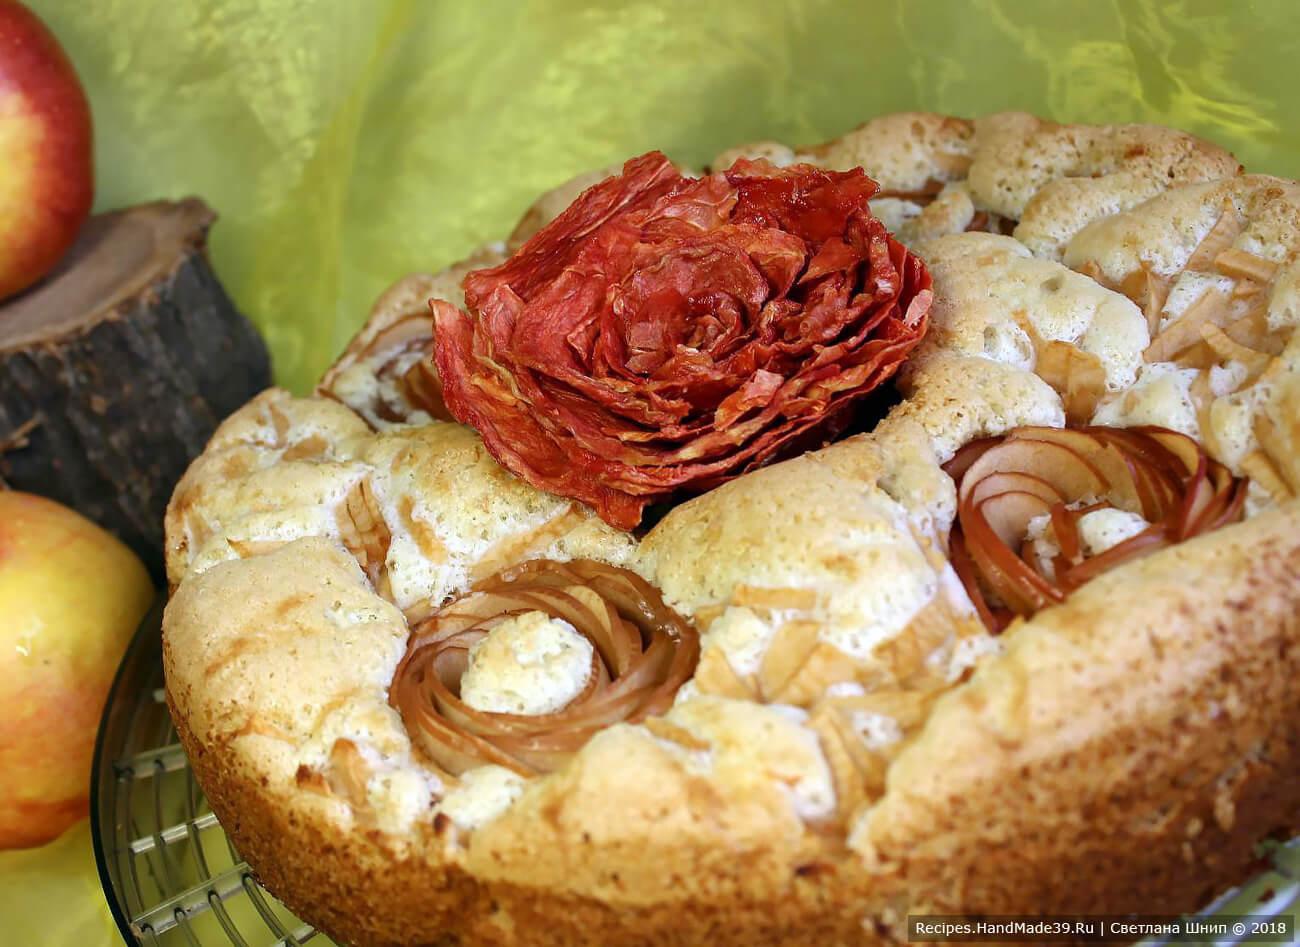 Вот такая съедобная «роза» из арбузных чипсов может украсить вашу выпечку